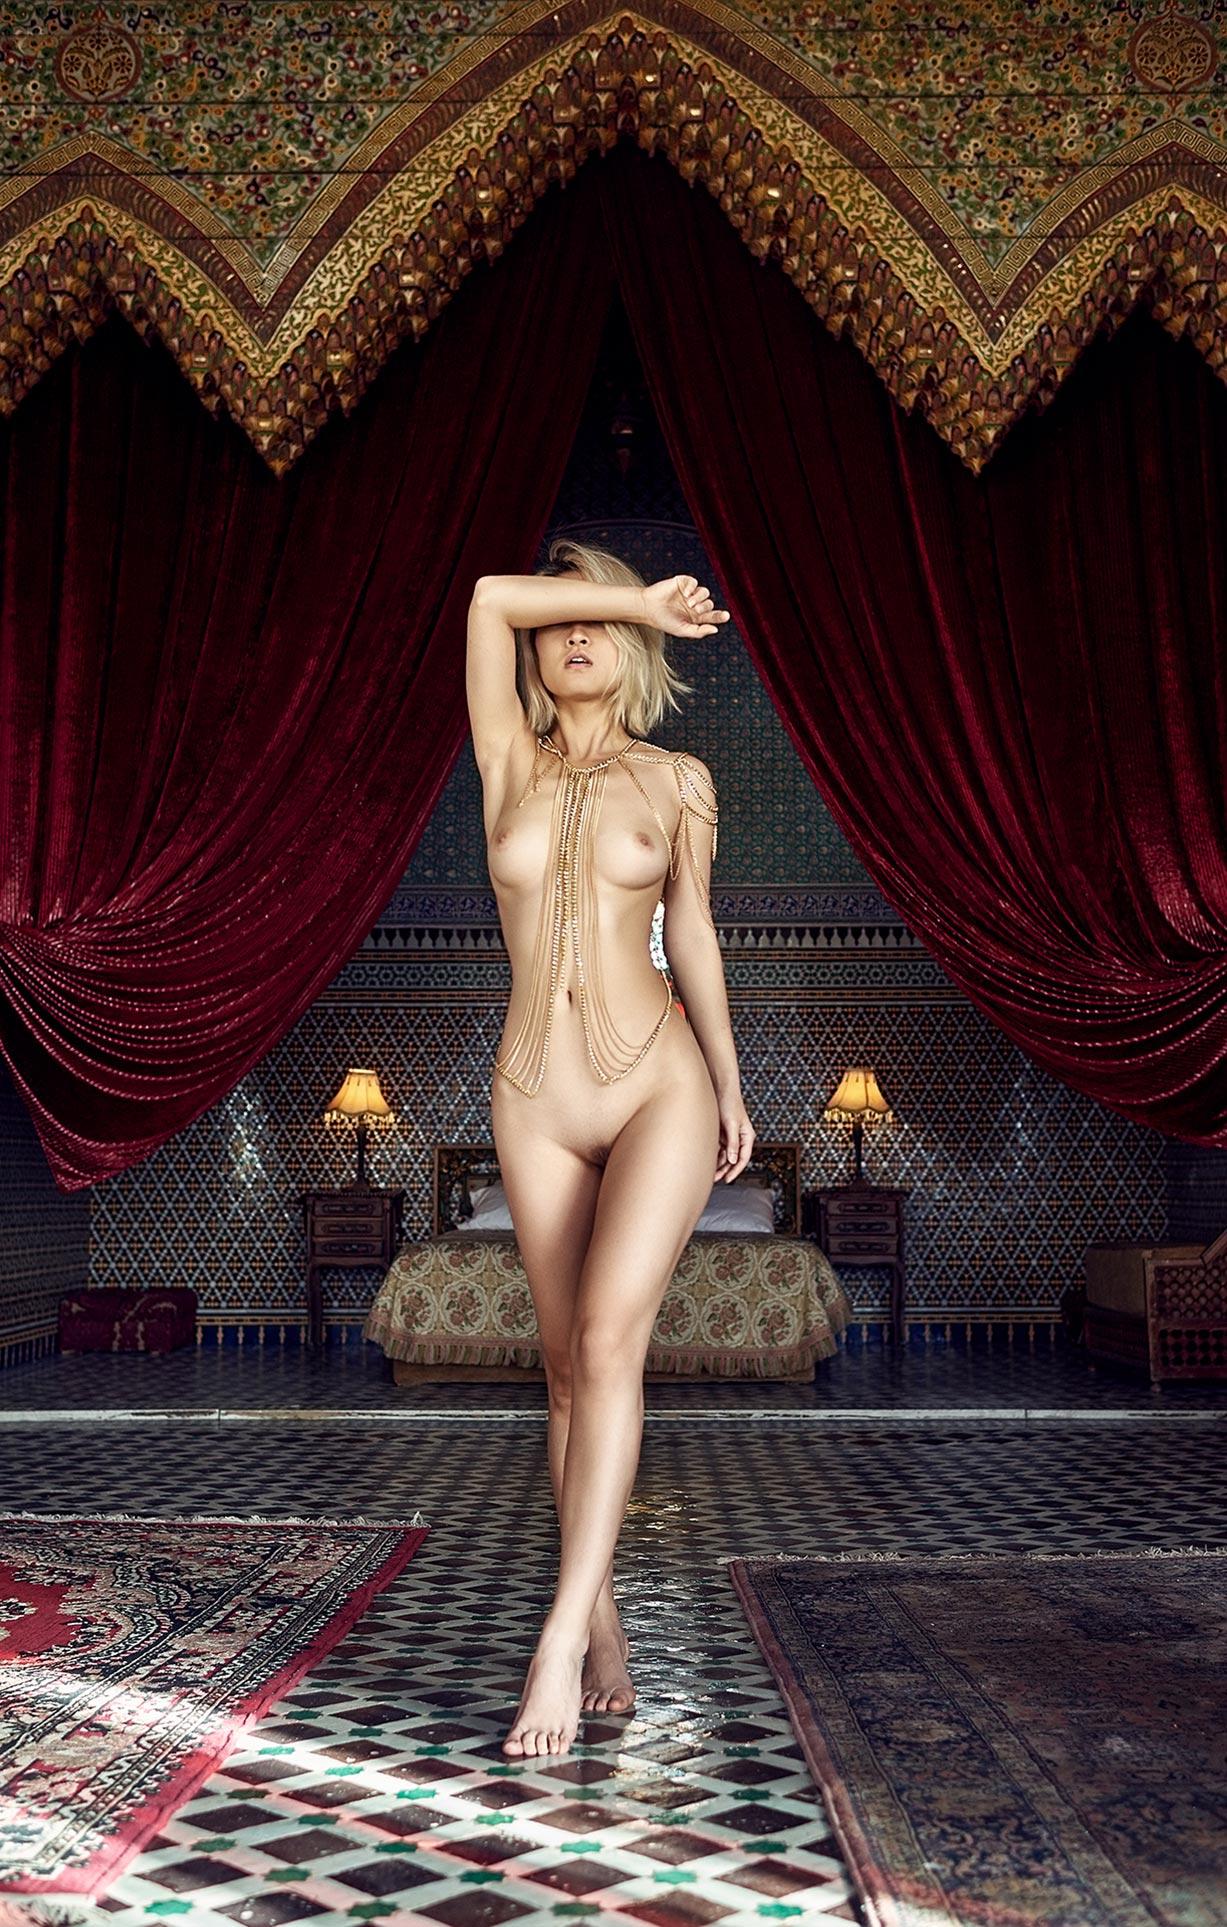 голая девушка на марокканских коврах / фото 04